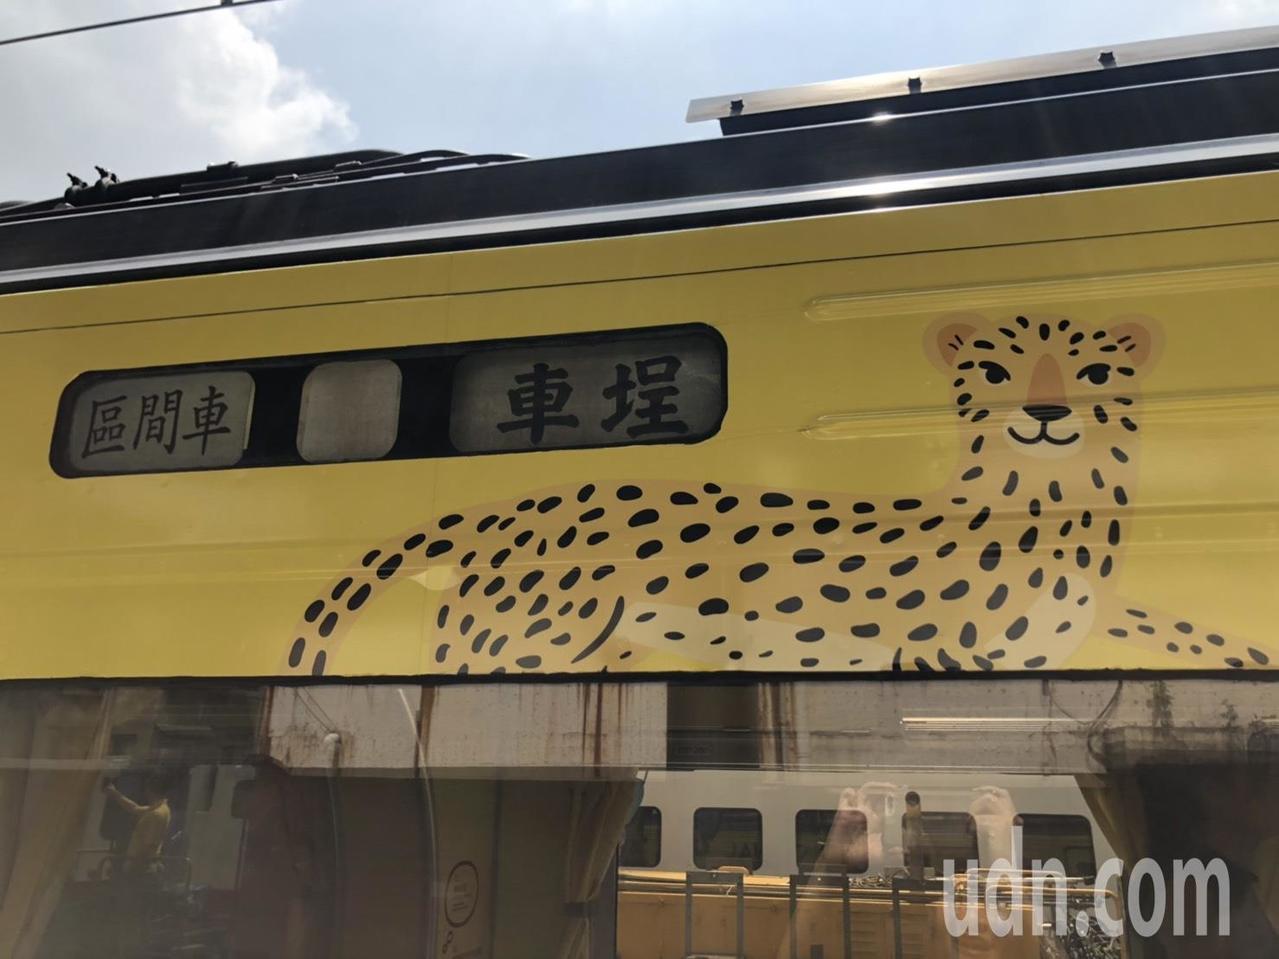 集集支線彩繪列車上的石虎圖案遭外界批評像花豹。記者曹悅華/攝影